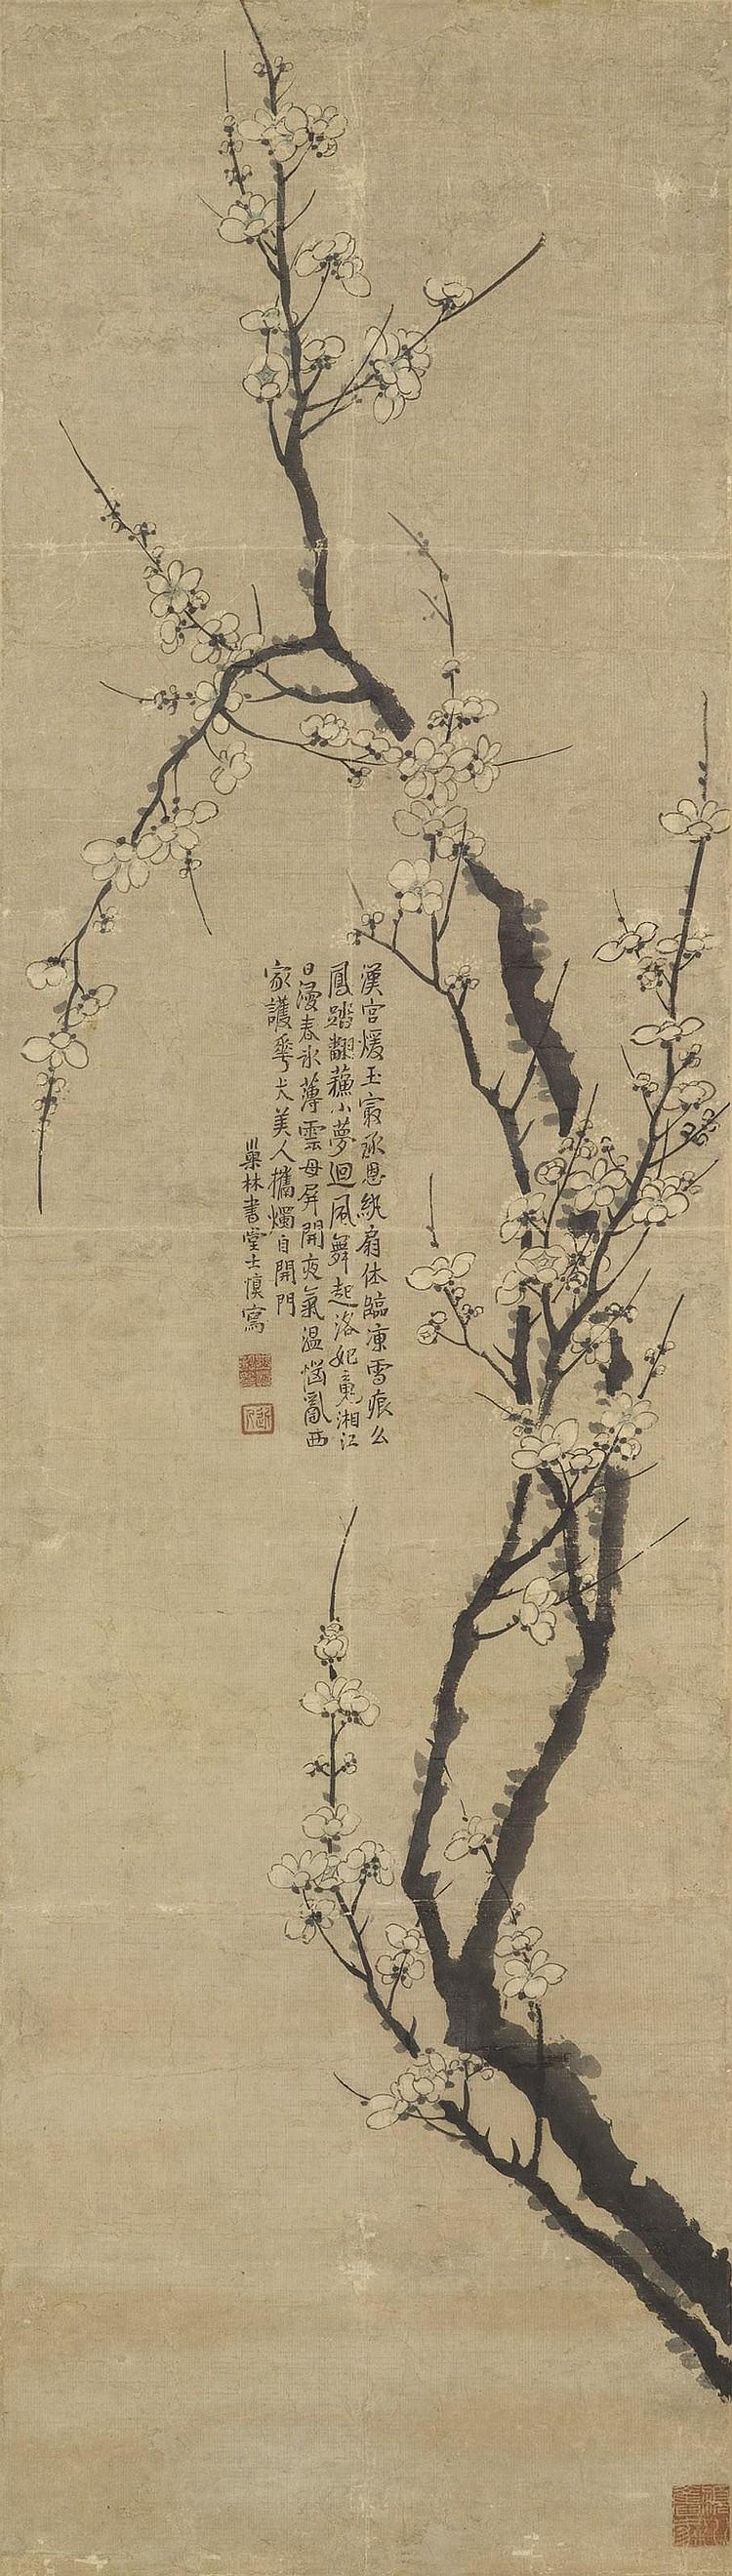 WANG SHISHEN (1686-CIRCA 1762)